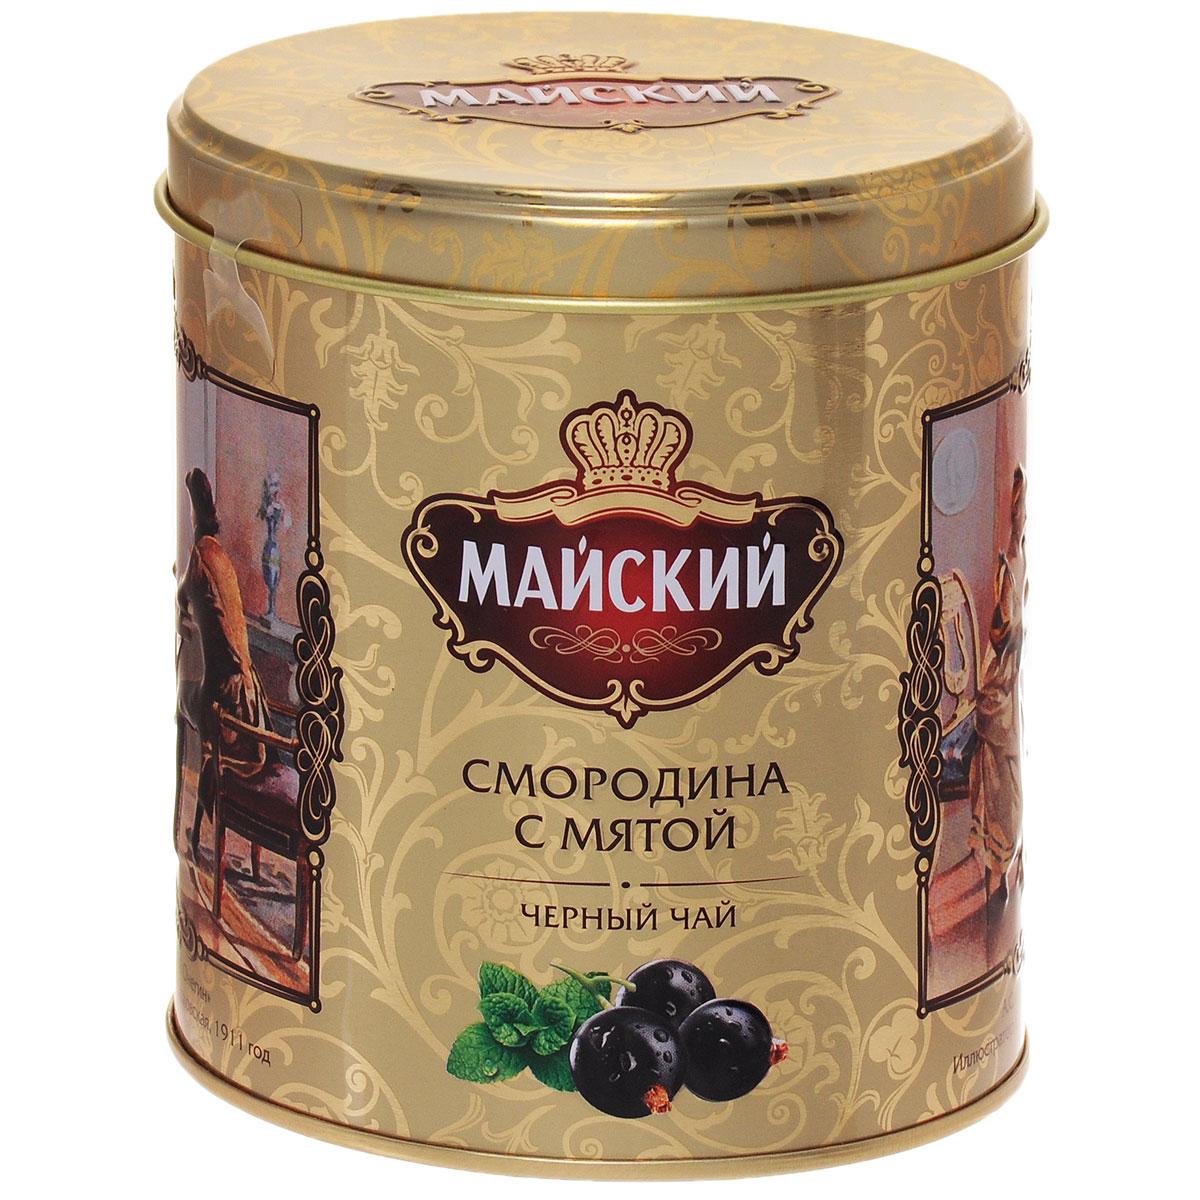 Майский Смородина с мятой черный ароматизированный листовой чай, 90 г114453Майский Смородина с мятой - это волнующее сочетание вкуса черного чая, сочной спелой смородины и натуральной мяты.